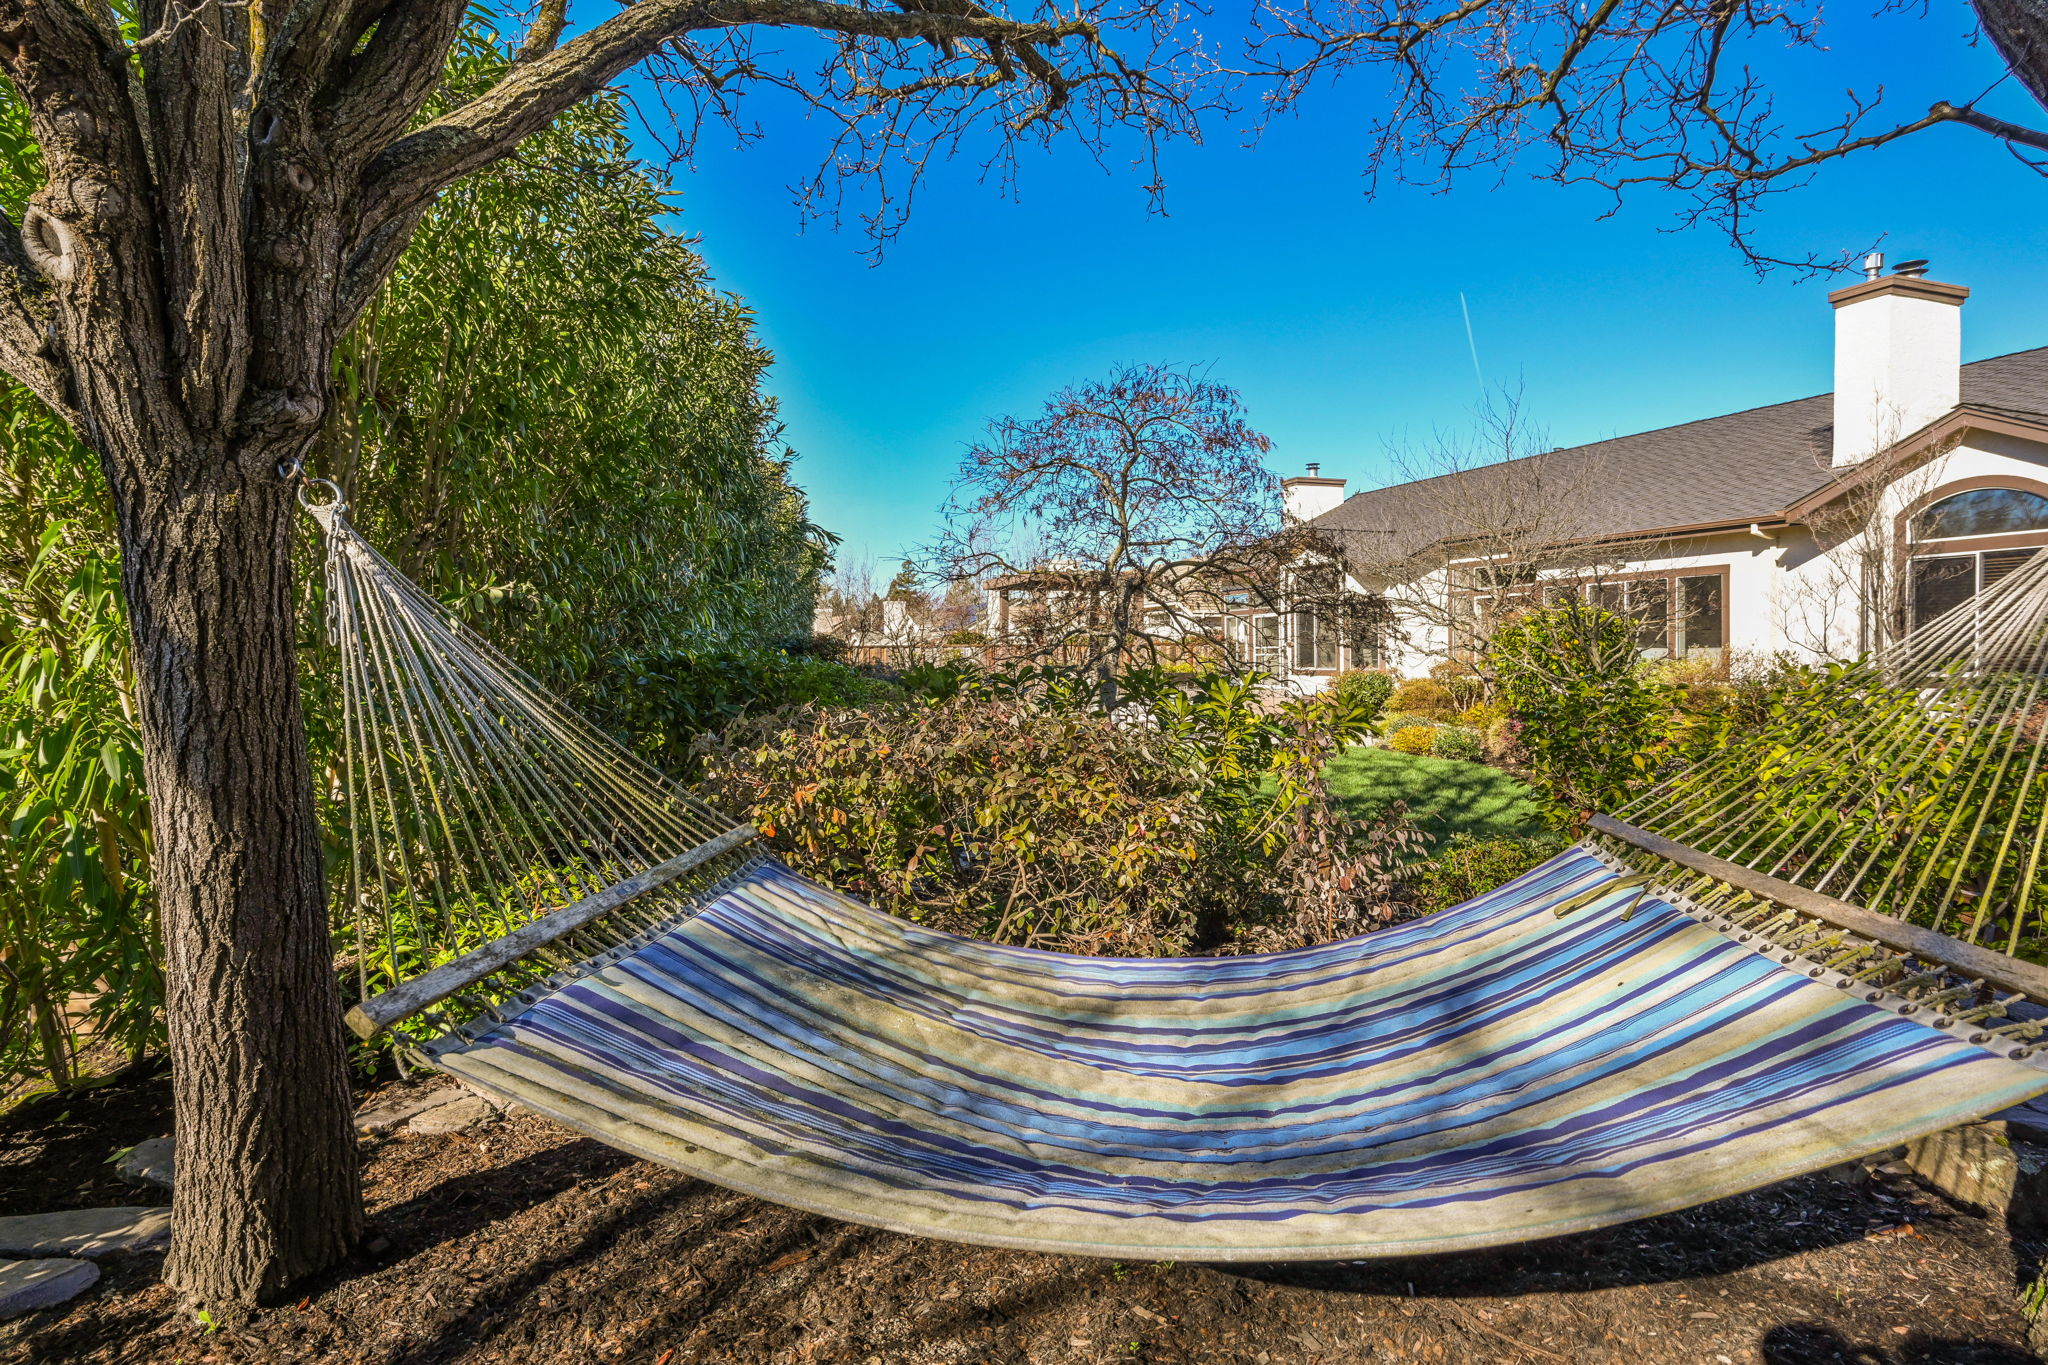 Relaxing Settings